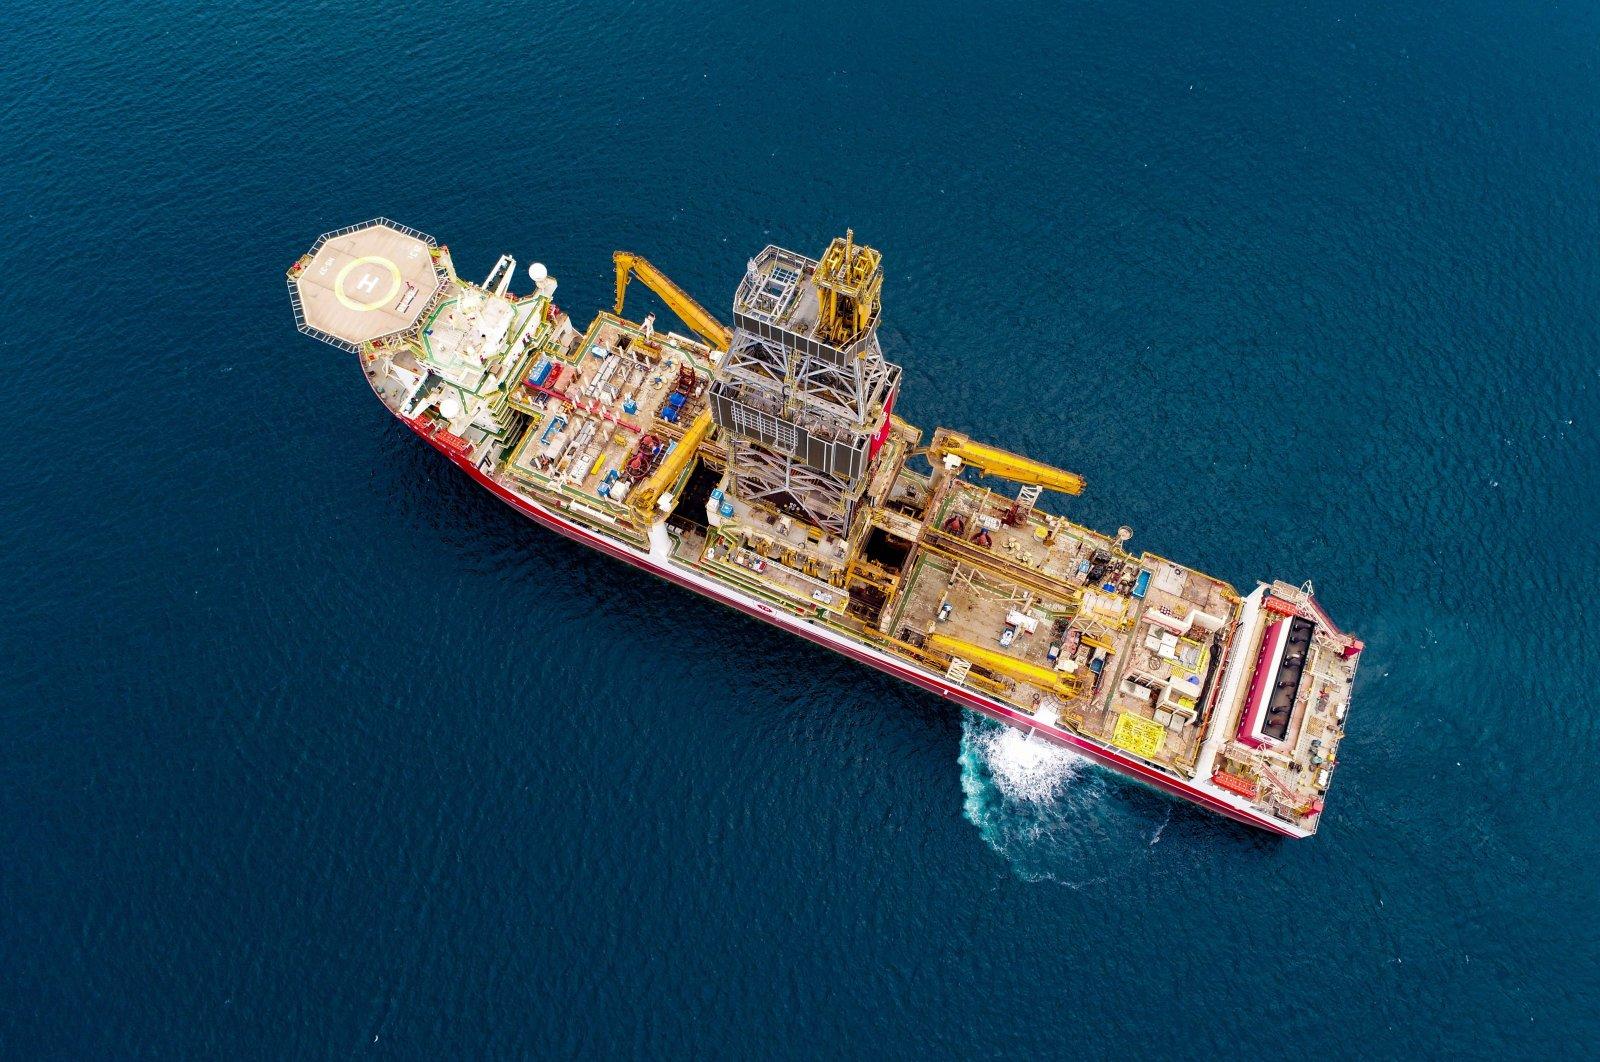 Kanuni drillship is seen off Haydarpaşa port on the Istanbul's Asian side, Turkey, Oct. 20, 2020. (IHA Photo)